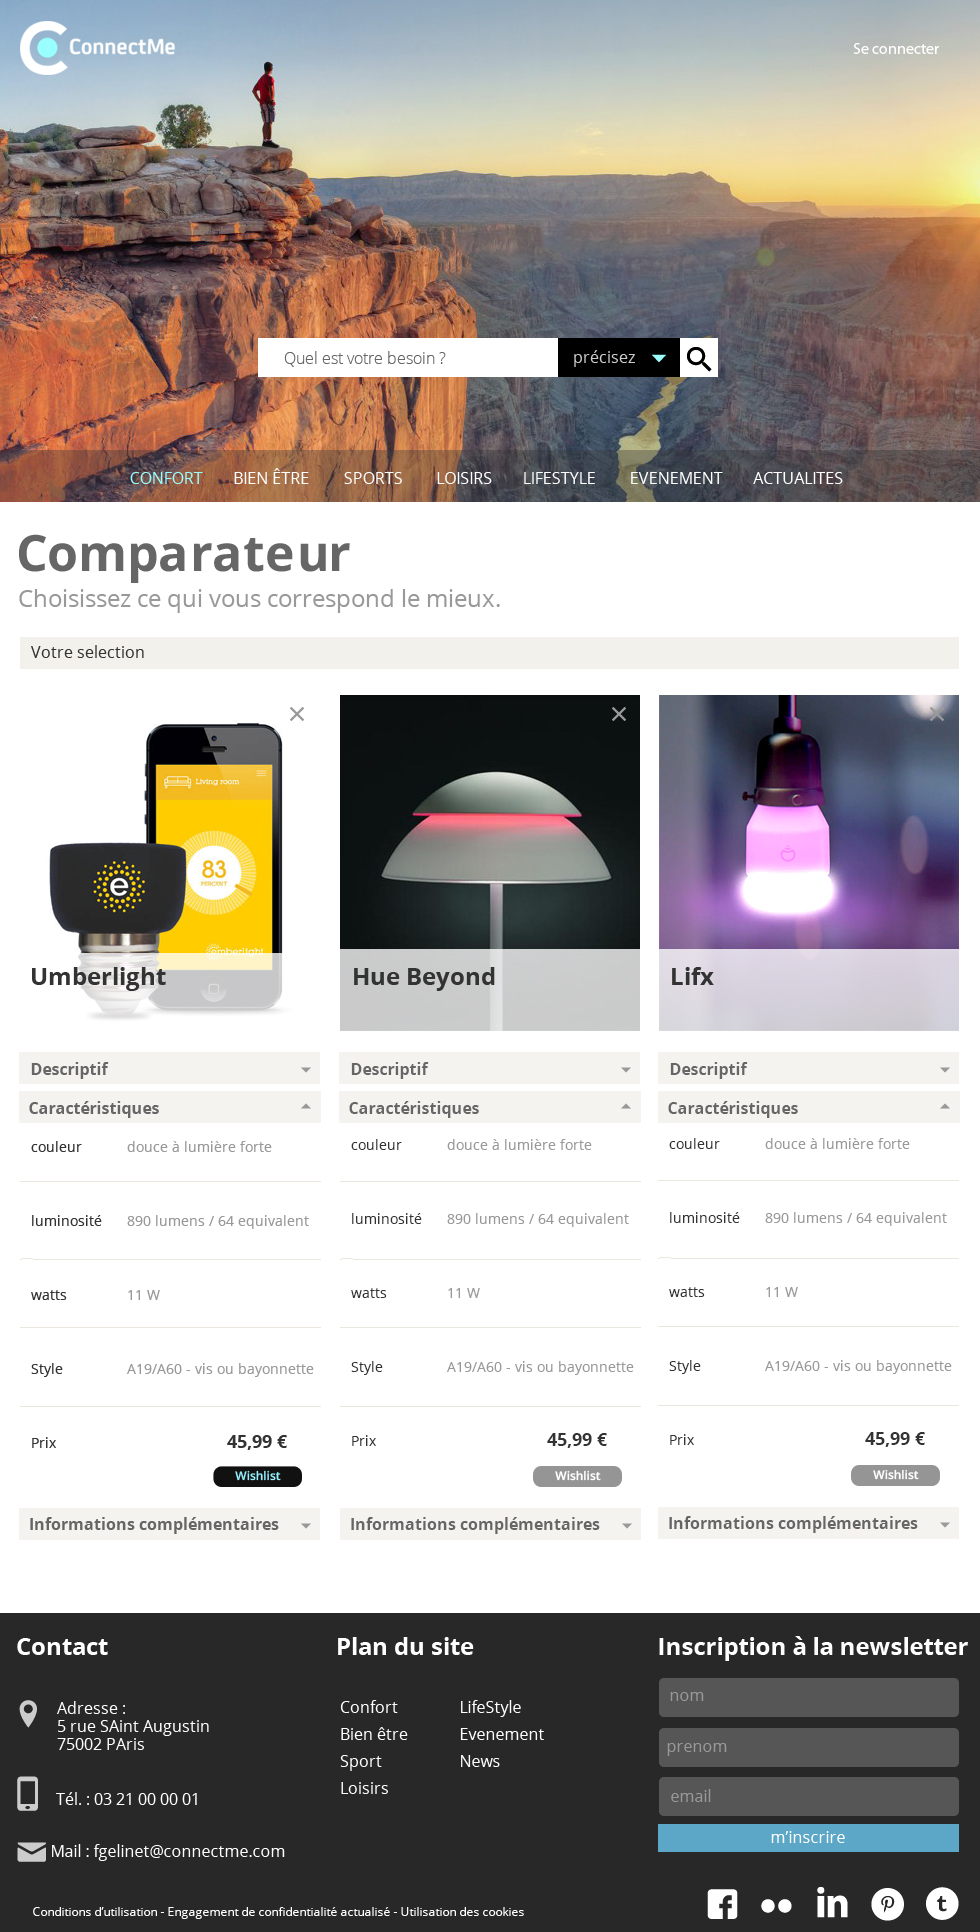 ConnectMe, site d'objets connectés  ,  la page dédiée aux comparatif